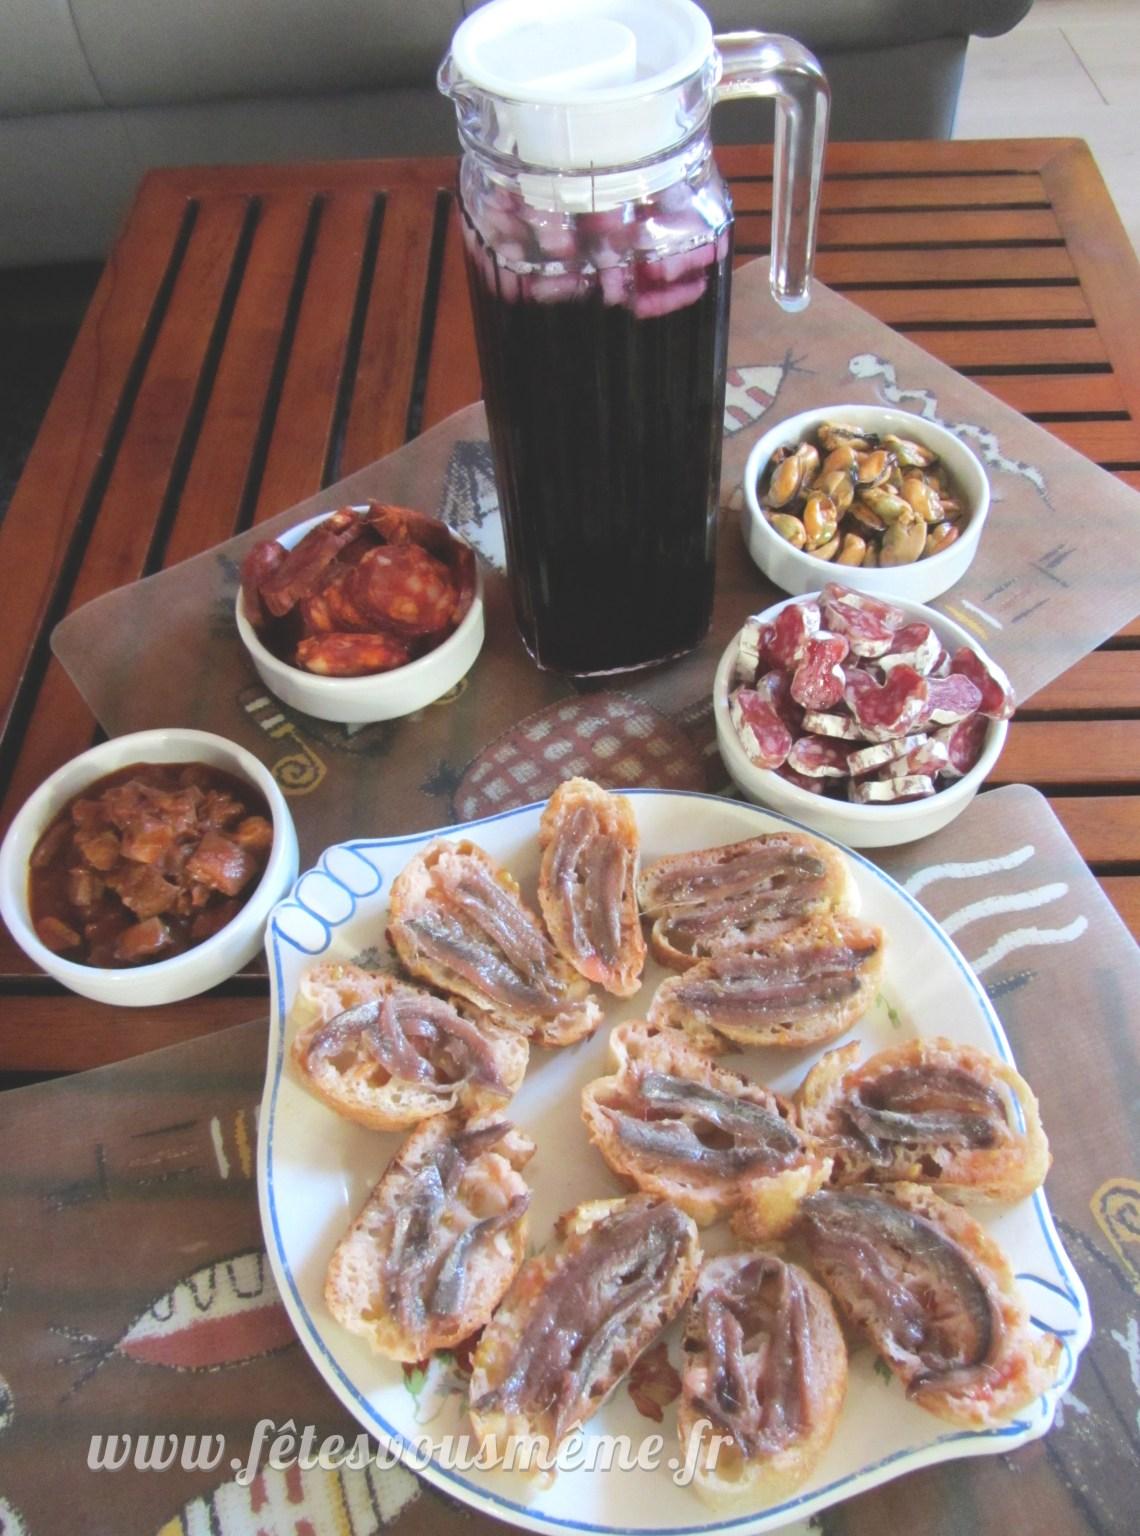 Tapas & Sangria - Espagne - Fêtes vous même